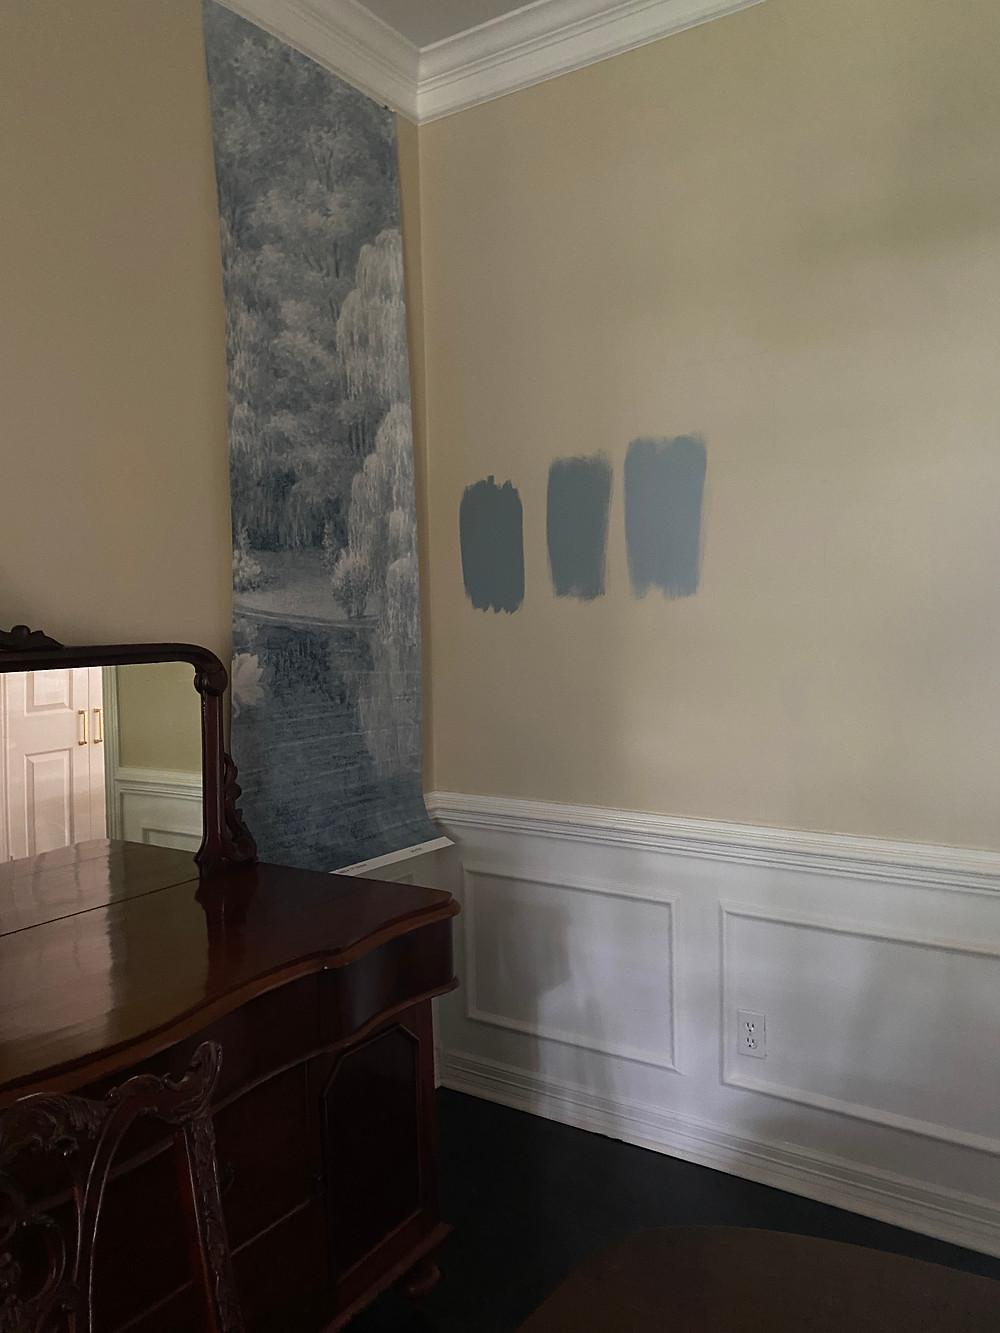 papiers de paris swan lake blue colorway, sherwin williams debonair